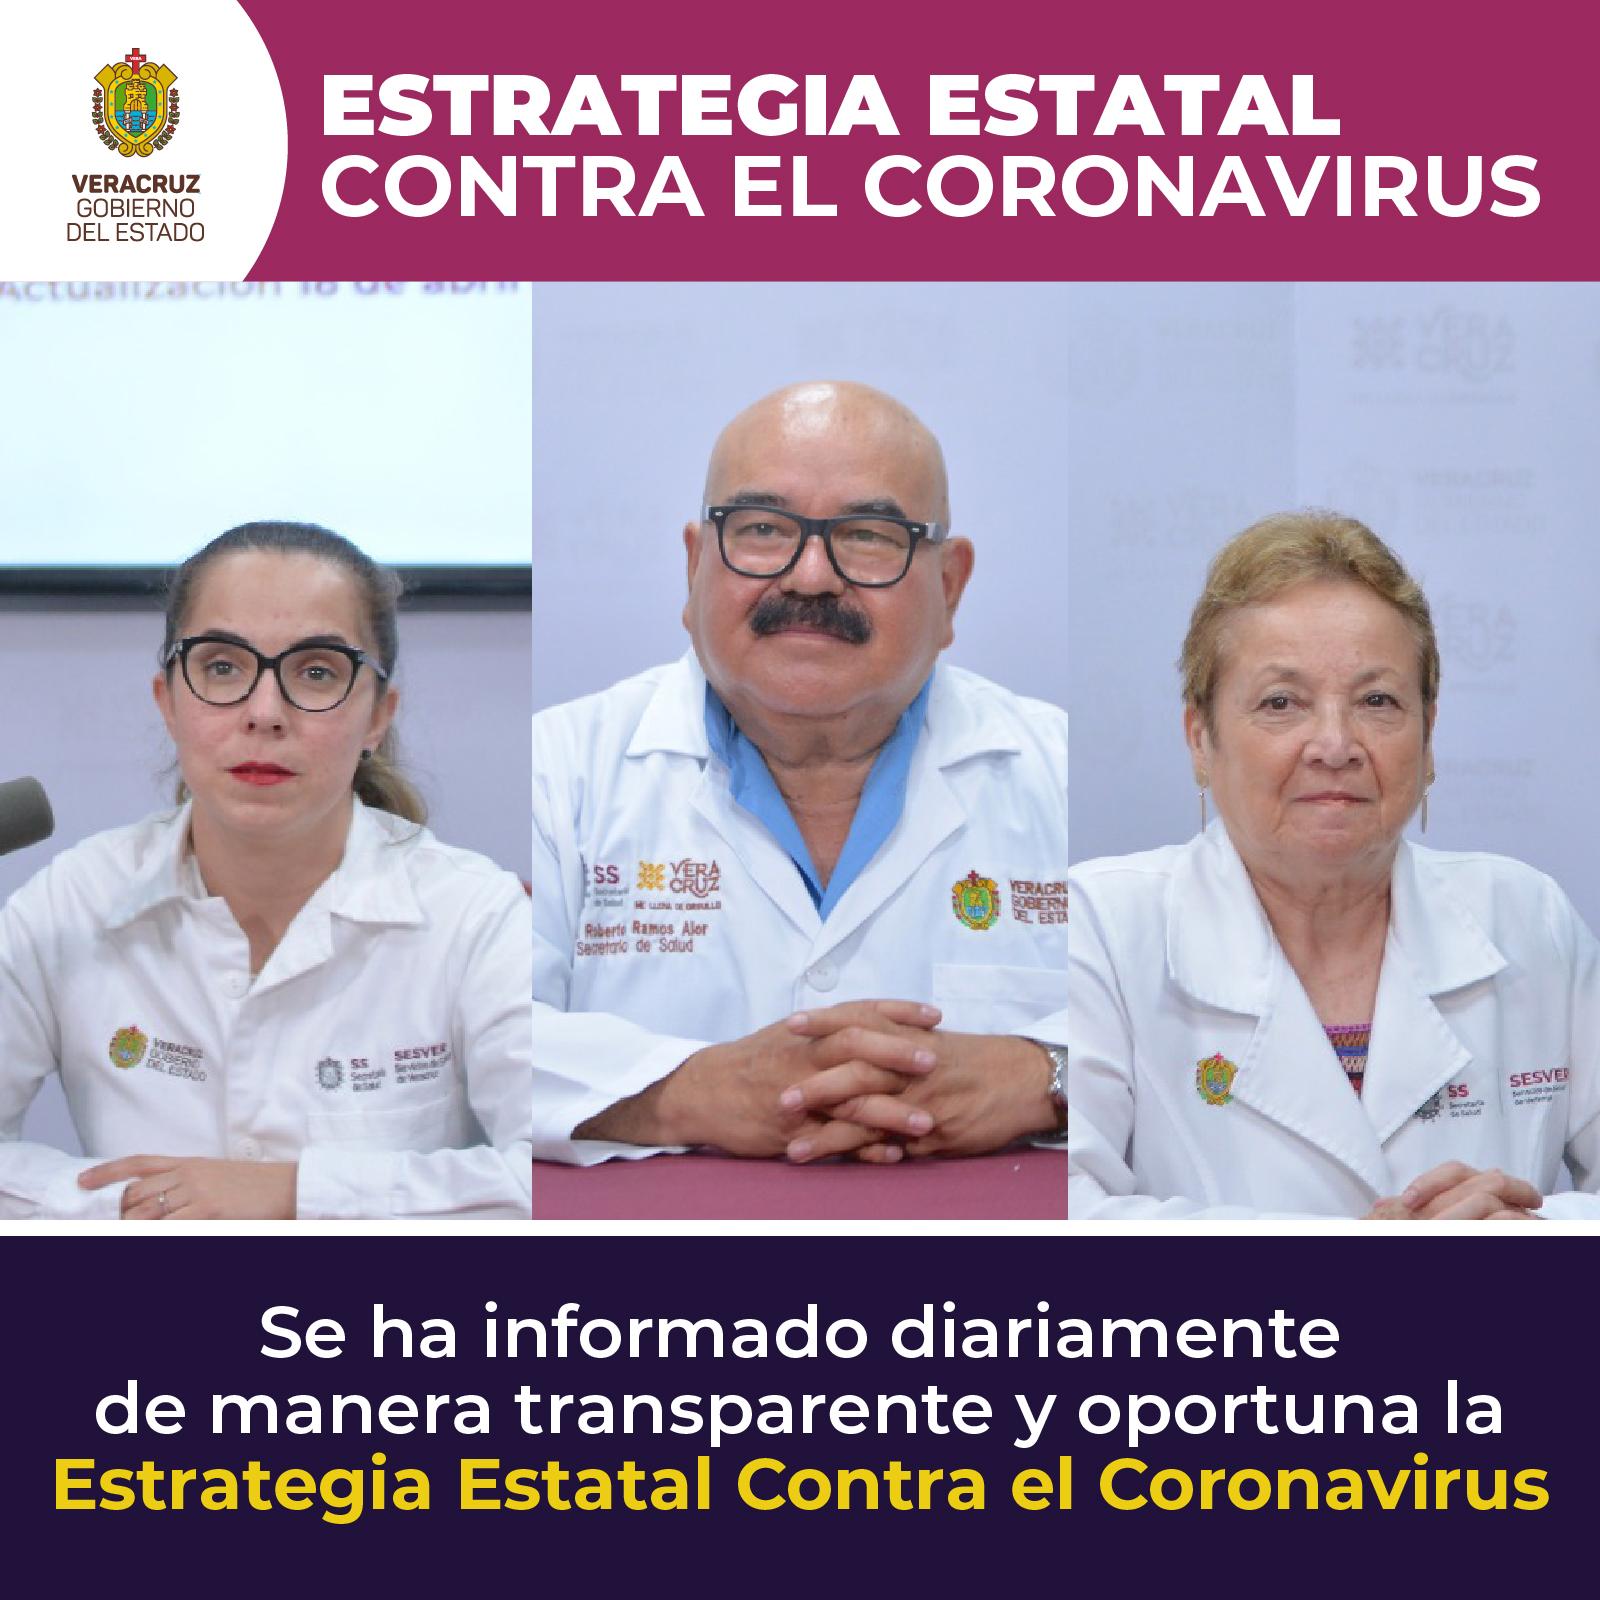 500 muertos en Veracruz por coronavirus hasta el momento